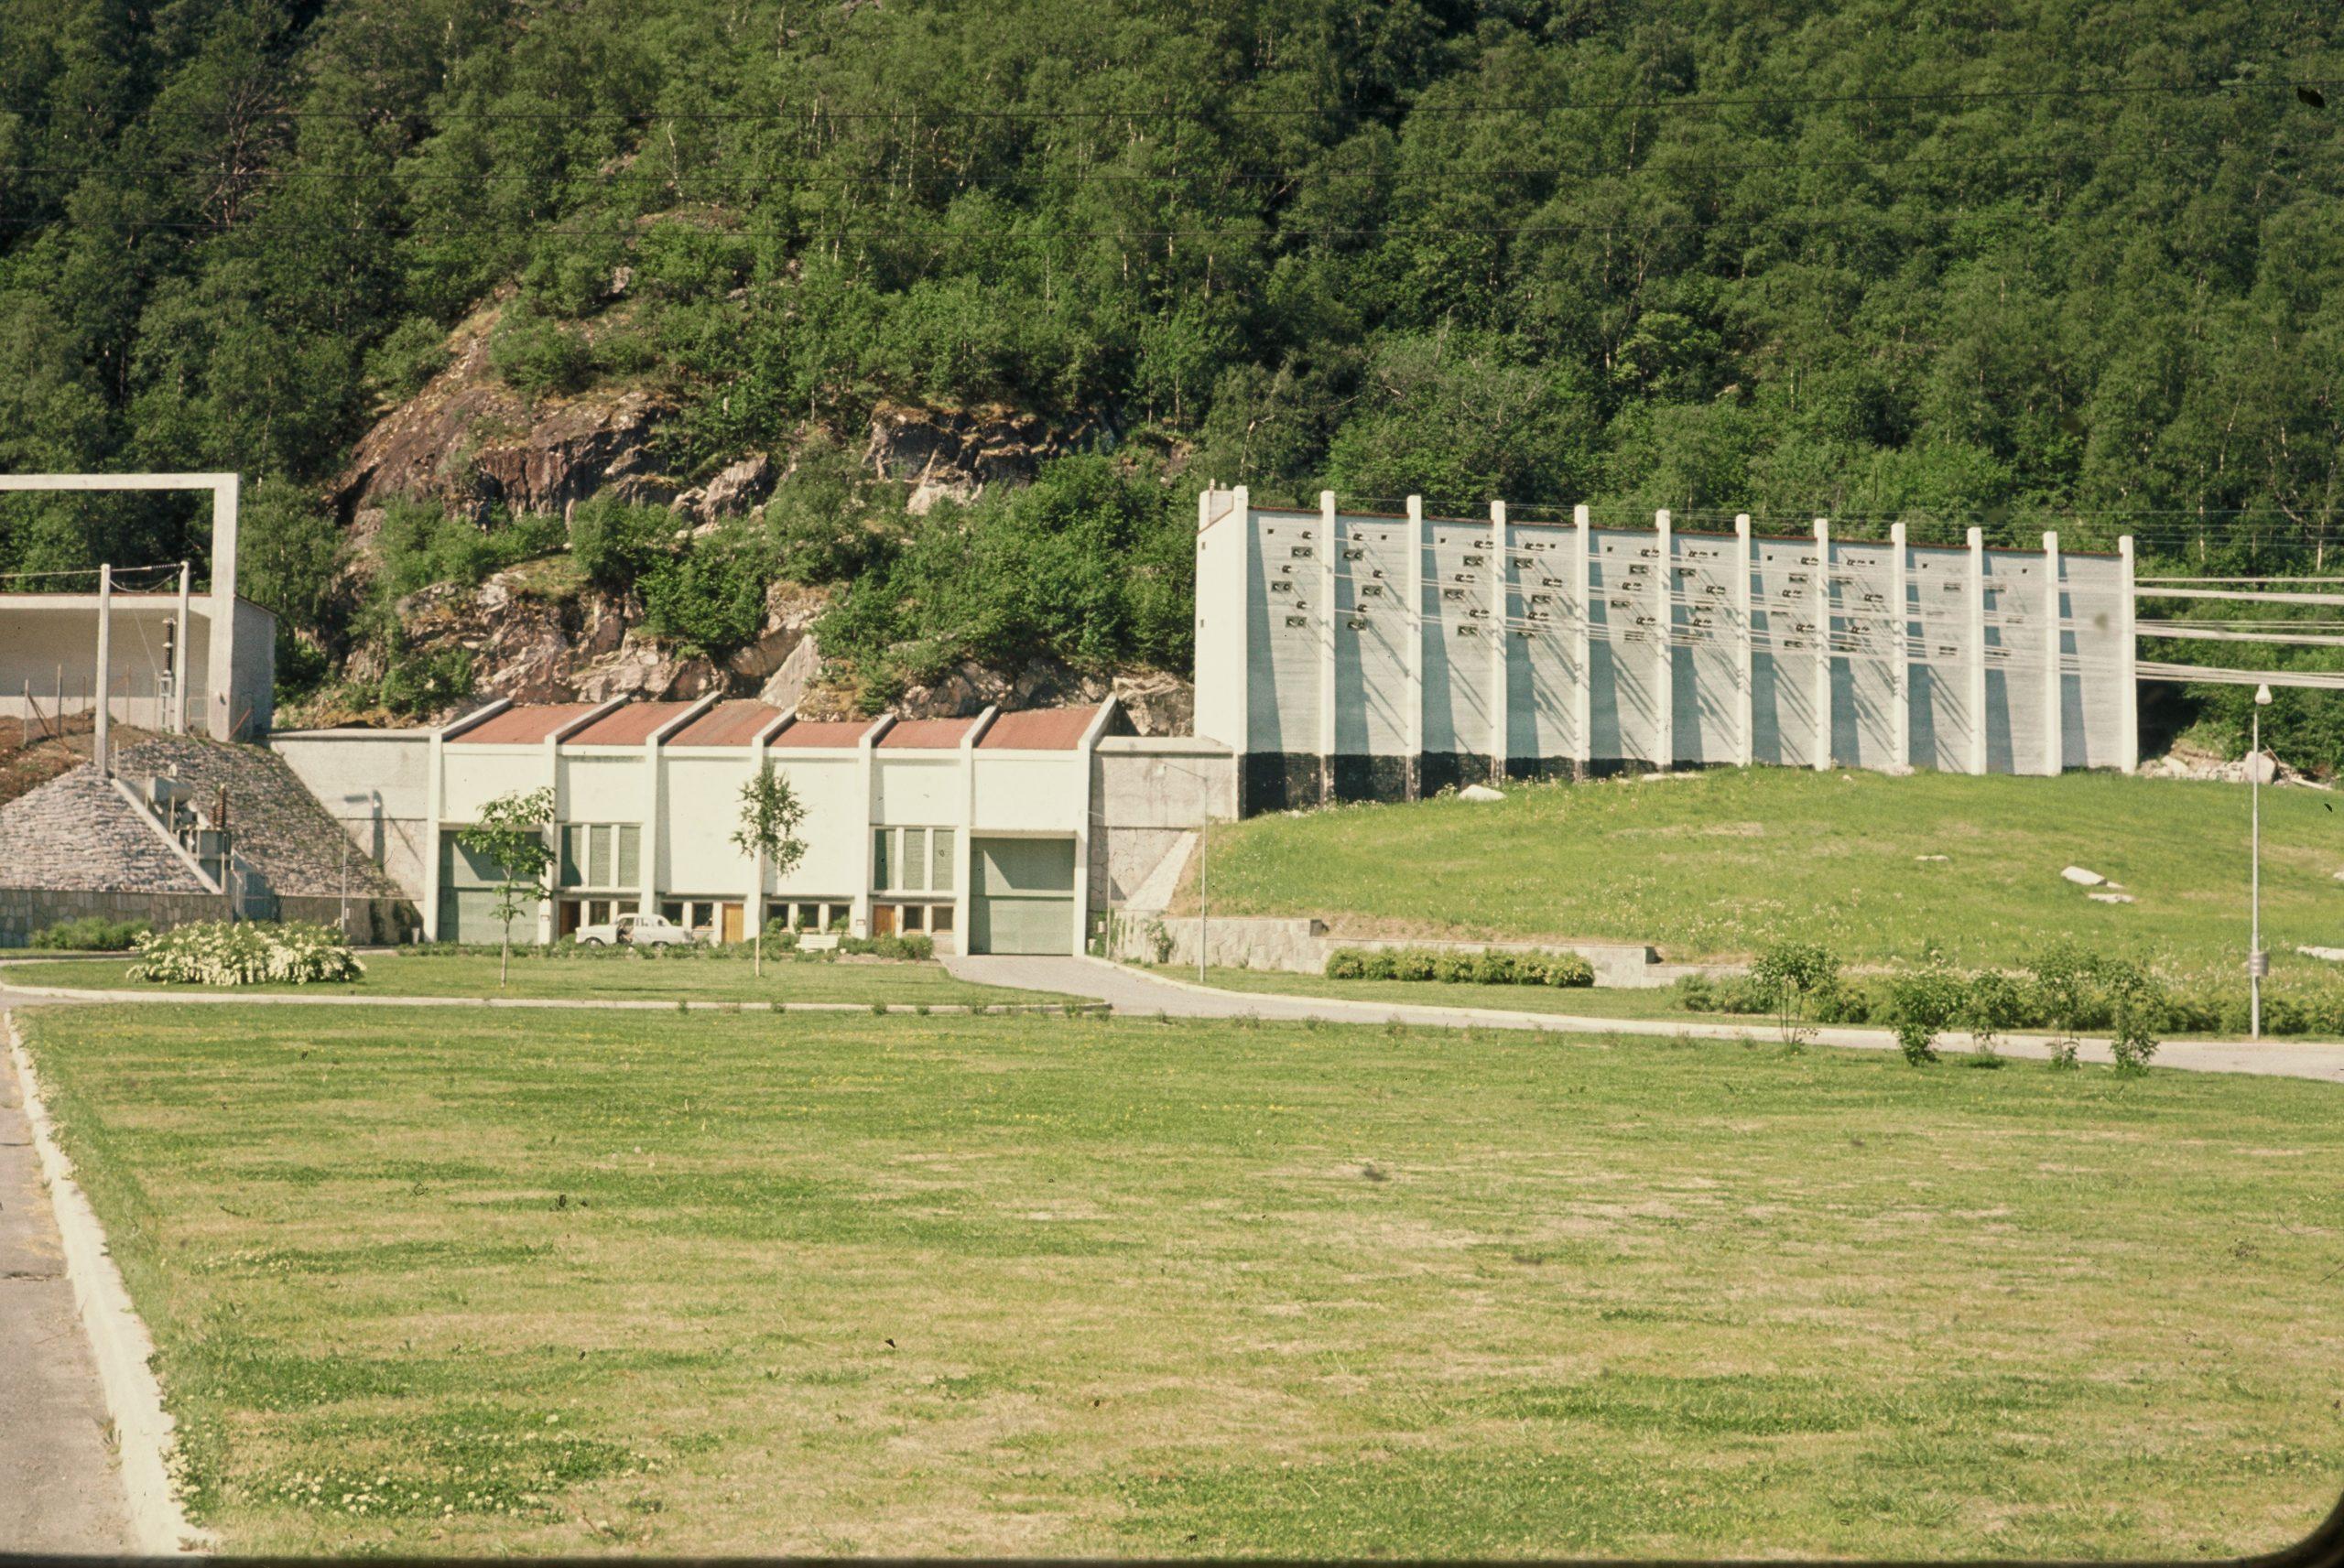 Aura kraftverk